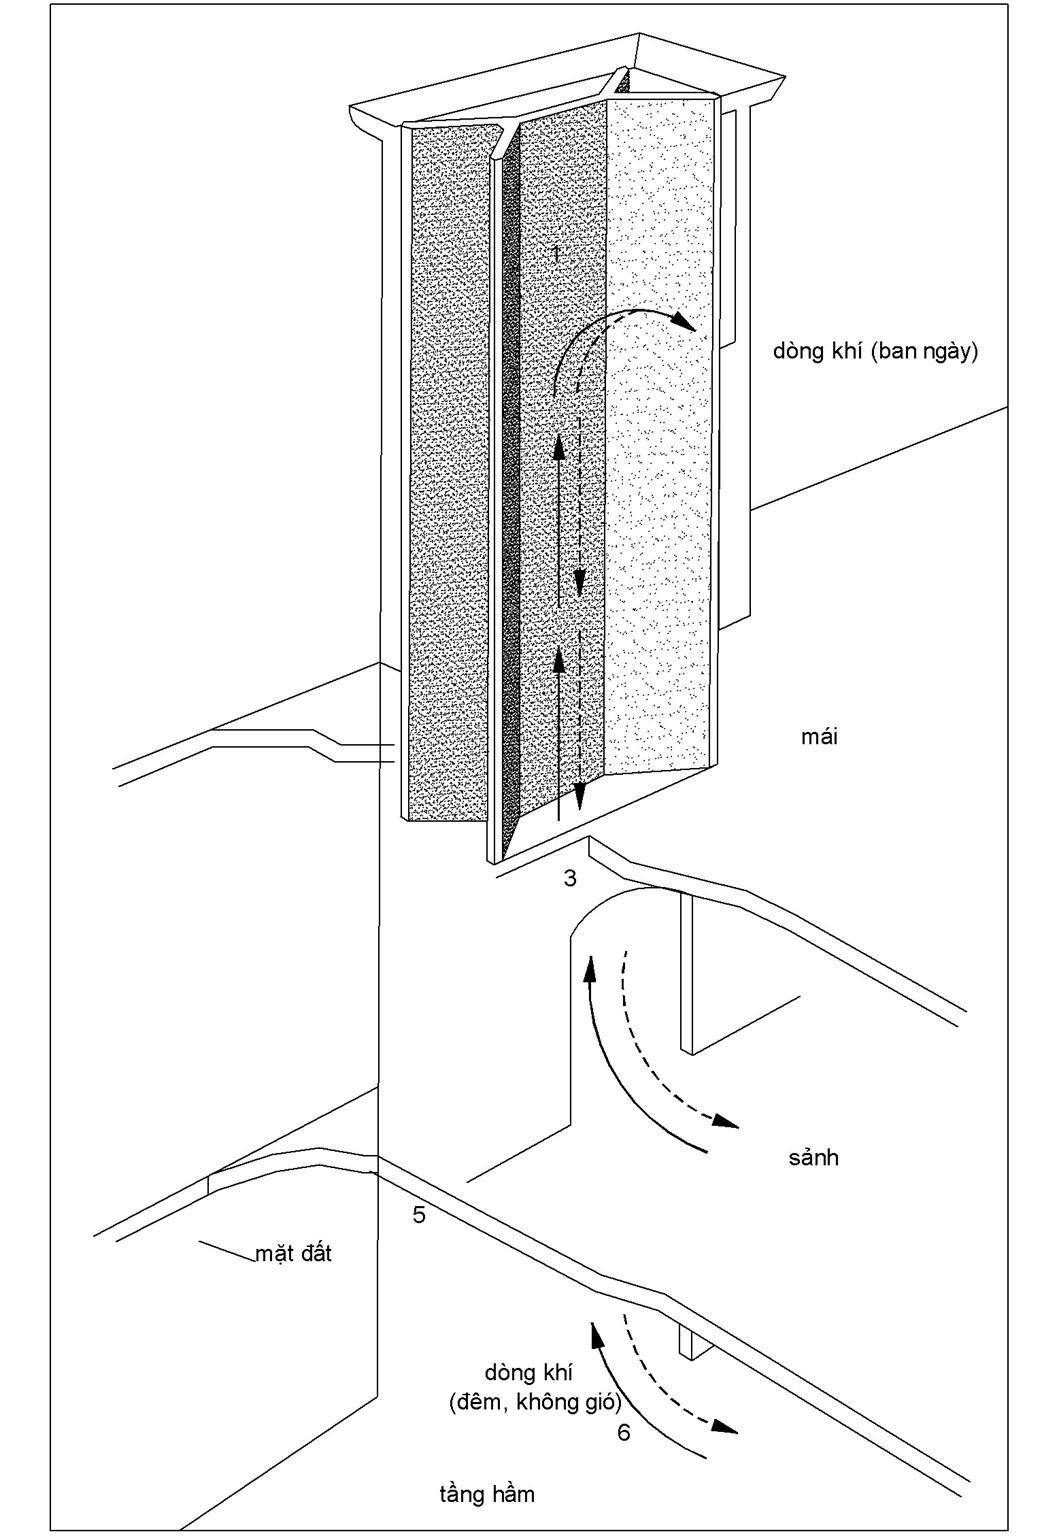 VẬN HÀNH THÁP GIÓ theo những cách khác nhau dựa vào thời gian trong ngày và tình trạng có gió hay không có gió. Tường và hành lang thông gió của tháp (2) hấp thụ nhiệt suốt cả ngày và toả ra không khí mát ban đêm. Ngày hôm sau tường sẽ nguội. Khi không có gió, không khí nóng bên ngoài (mũi tên liền) sẽ đi vào tháp qua lỗ cửa ở các mặt (1) và được làm mát khi tiếp xúc với tháp. Khi không khí mát mẻ dày đặc hơn không khí ấm, nó lặn xuống dưới qua tháp, tạo dòng hút xuống (2, 3, 5). Khi có gió, không khí được làm mát hiệu quả hơn và đi lên nhanh hơn. Cửa ra vào ở phần dưới của tháp (4, 6) mở ra sảnh trung tâm và tầng hầm cùa toà nhà. Khi mở các cửa ra vào này, không khí đã làm mát từ tháp được đẩy qua toà nhà và bên ngoài cửa sổ và các cửa ra vào khác, dẫn không khí vào phòng.